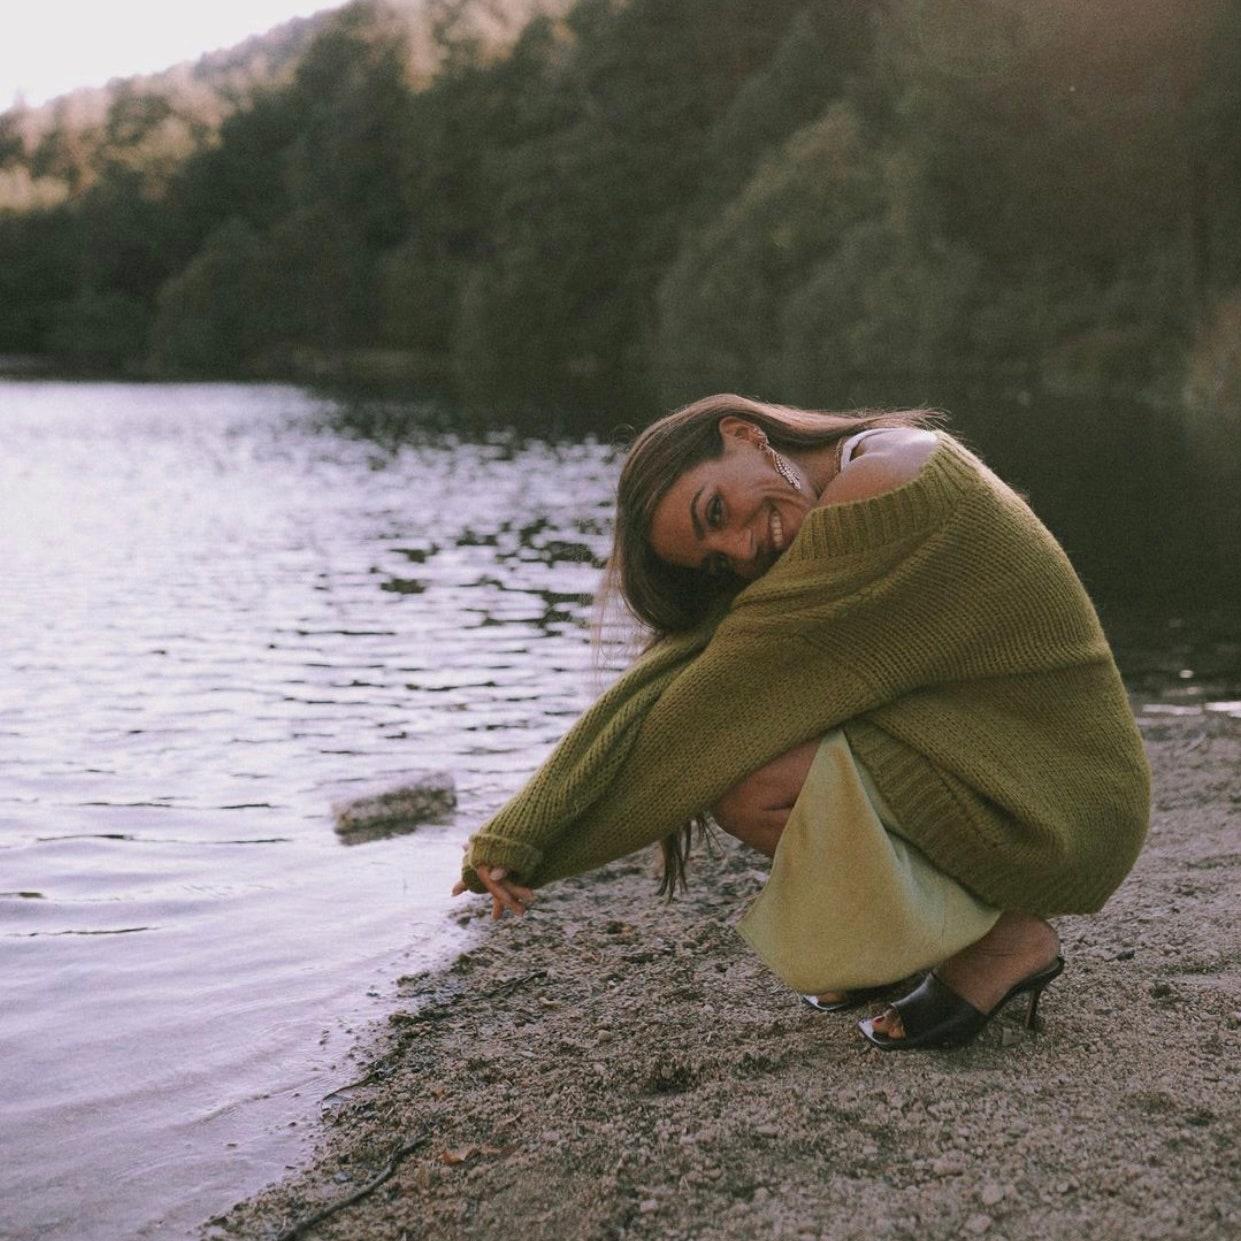 Неделя моды в Копенгагене: как организаторы делают индустрию более экологичной